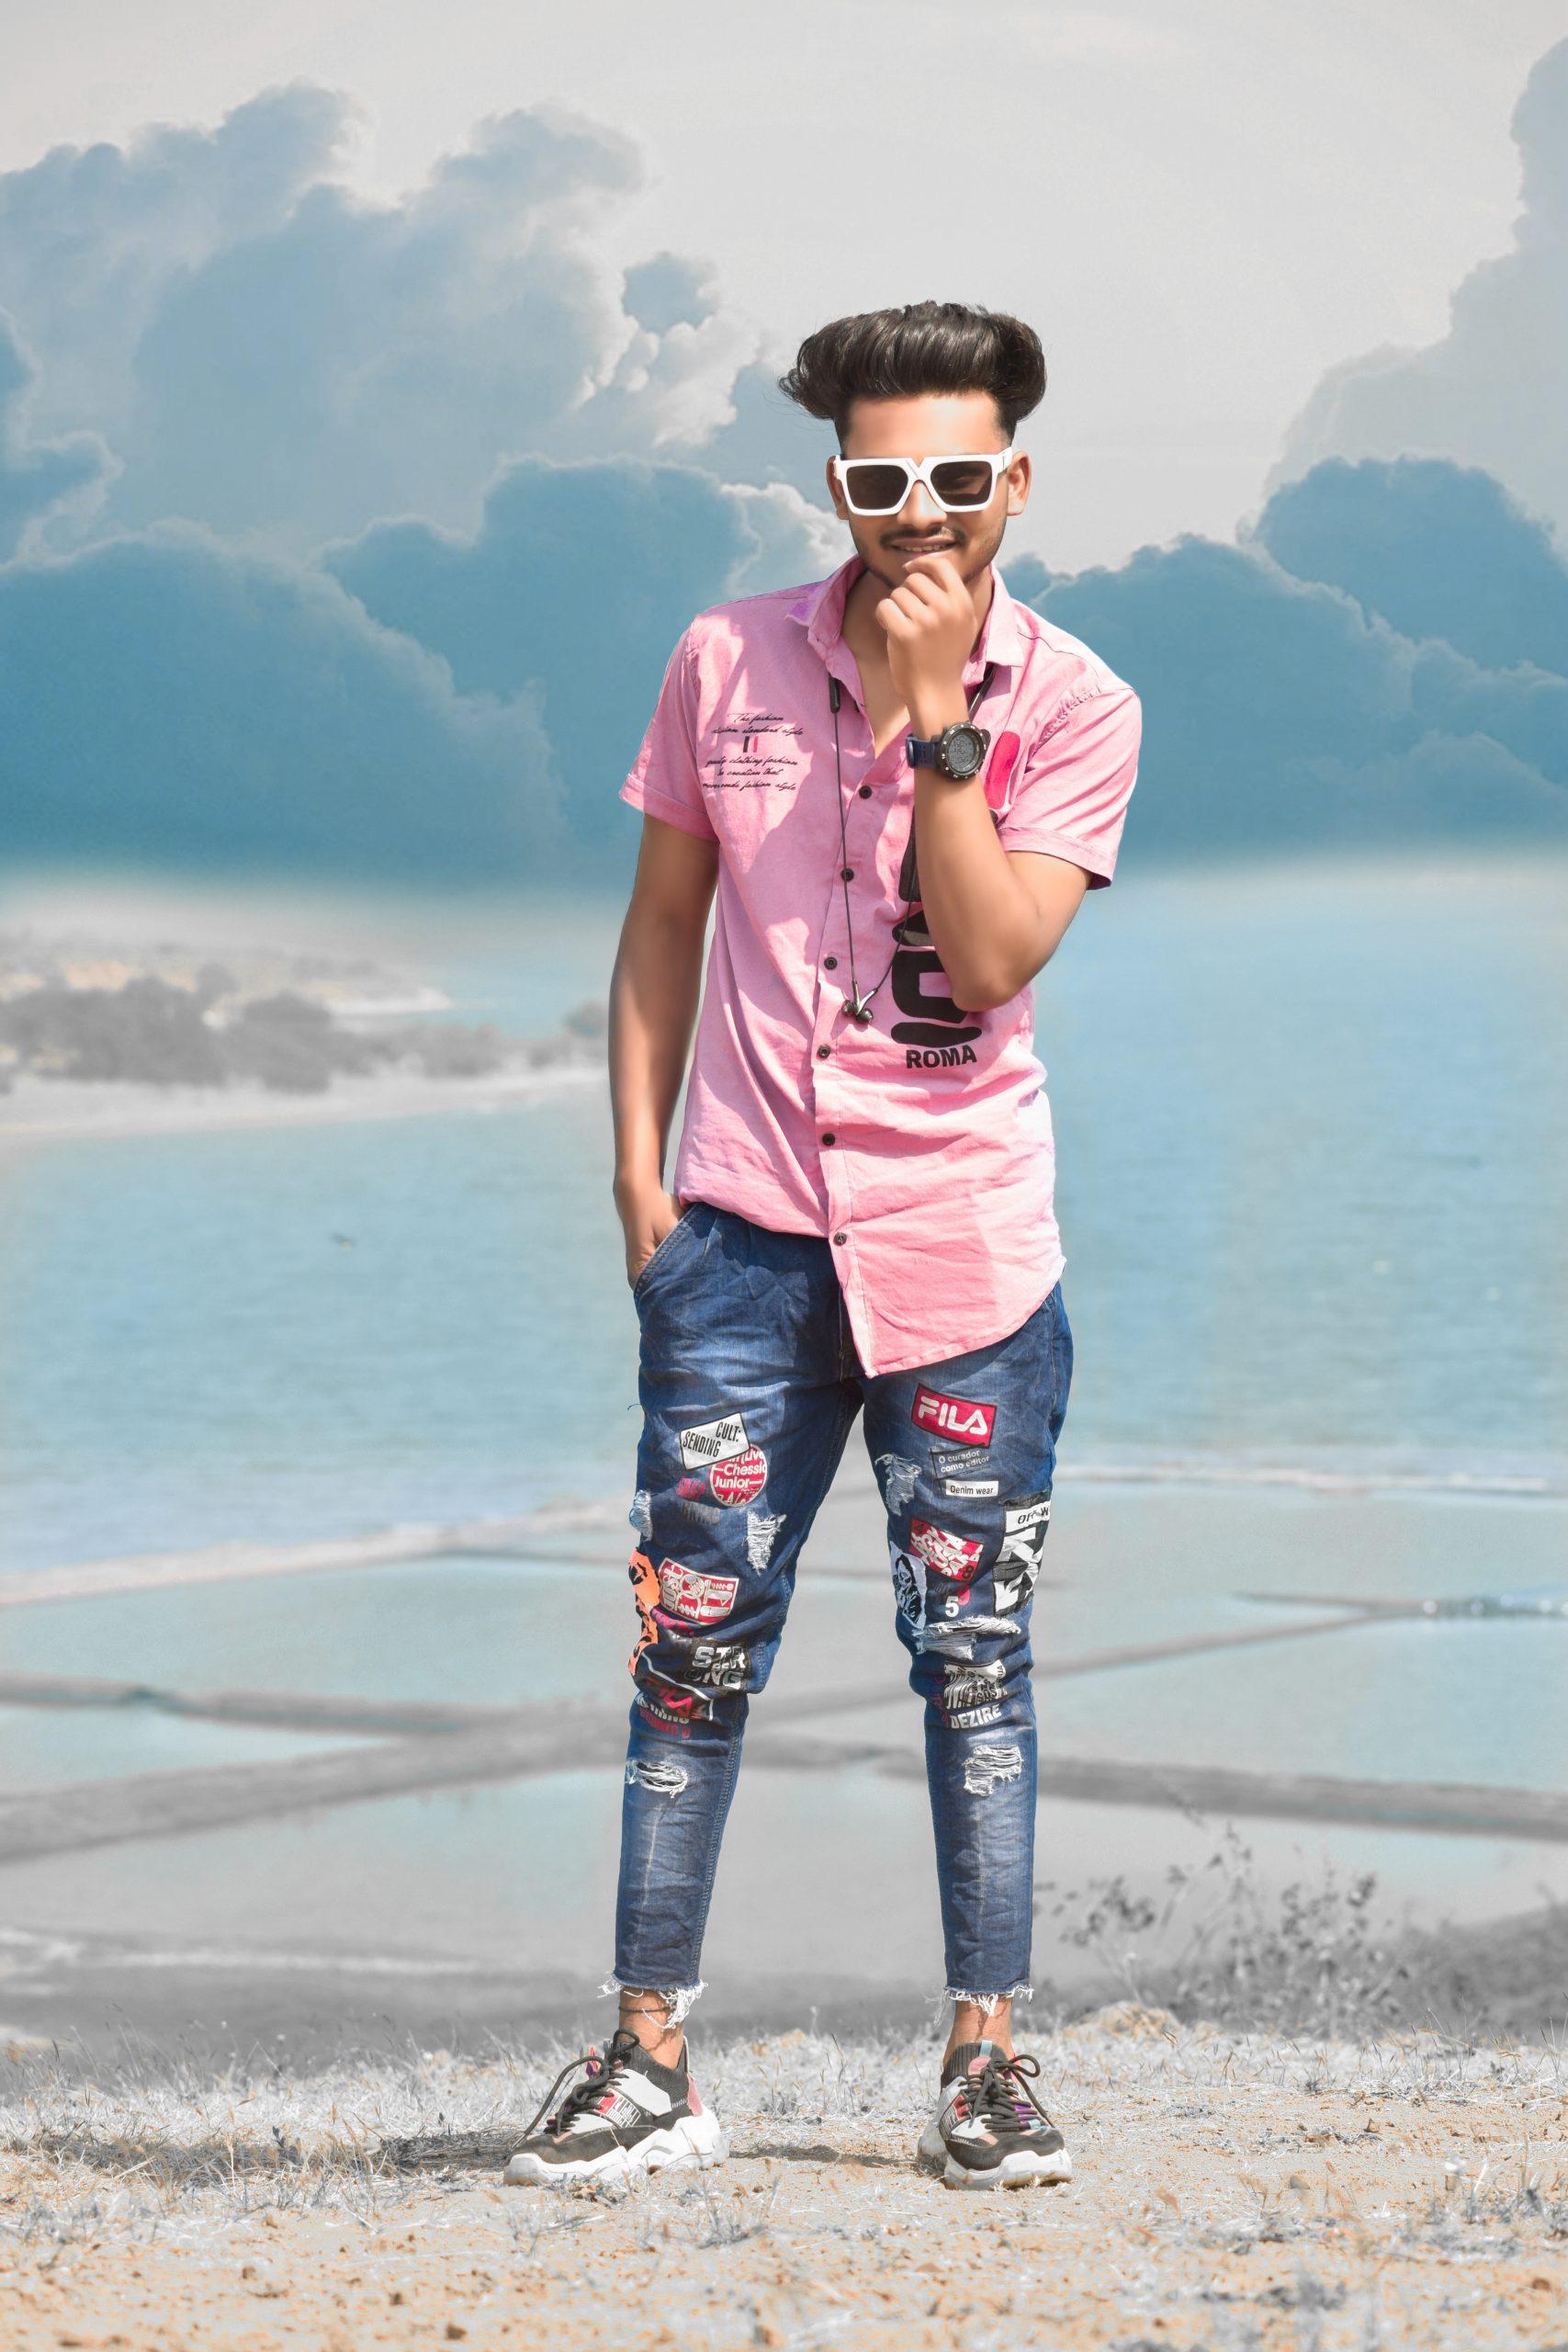 Stylish boy posing